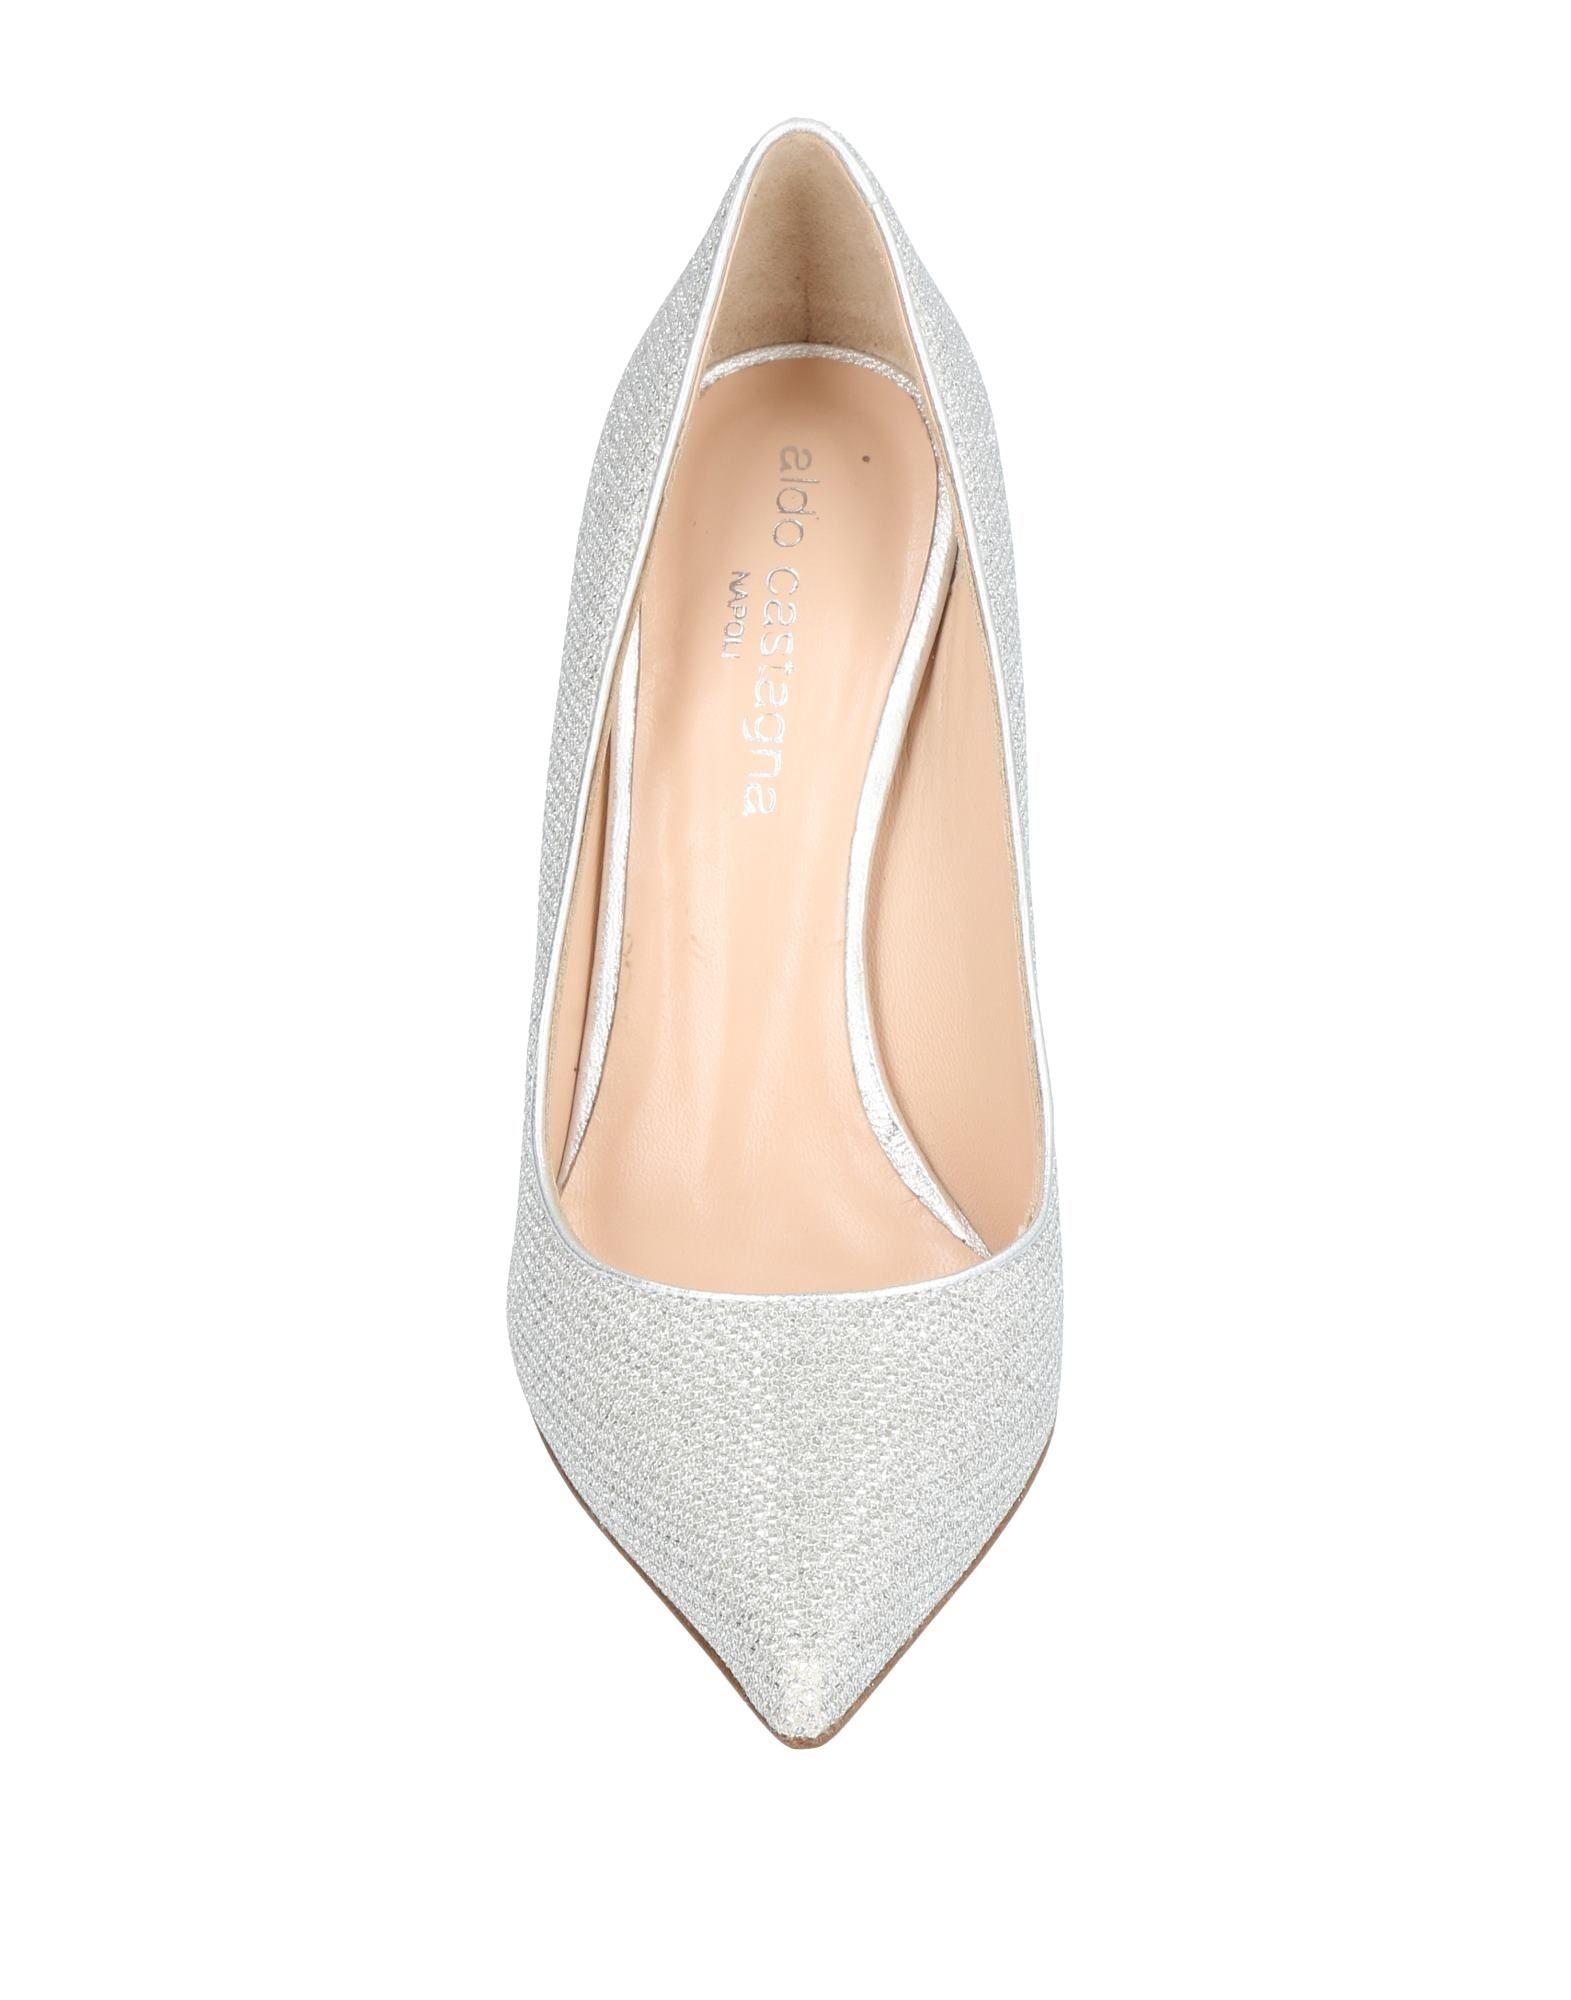 Chaussures - Tribunaux Aldo Castagna M6pcWf